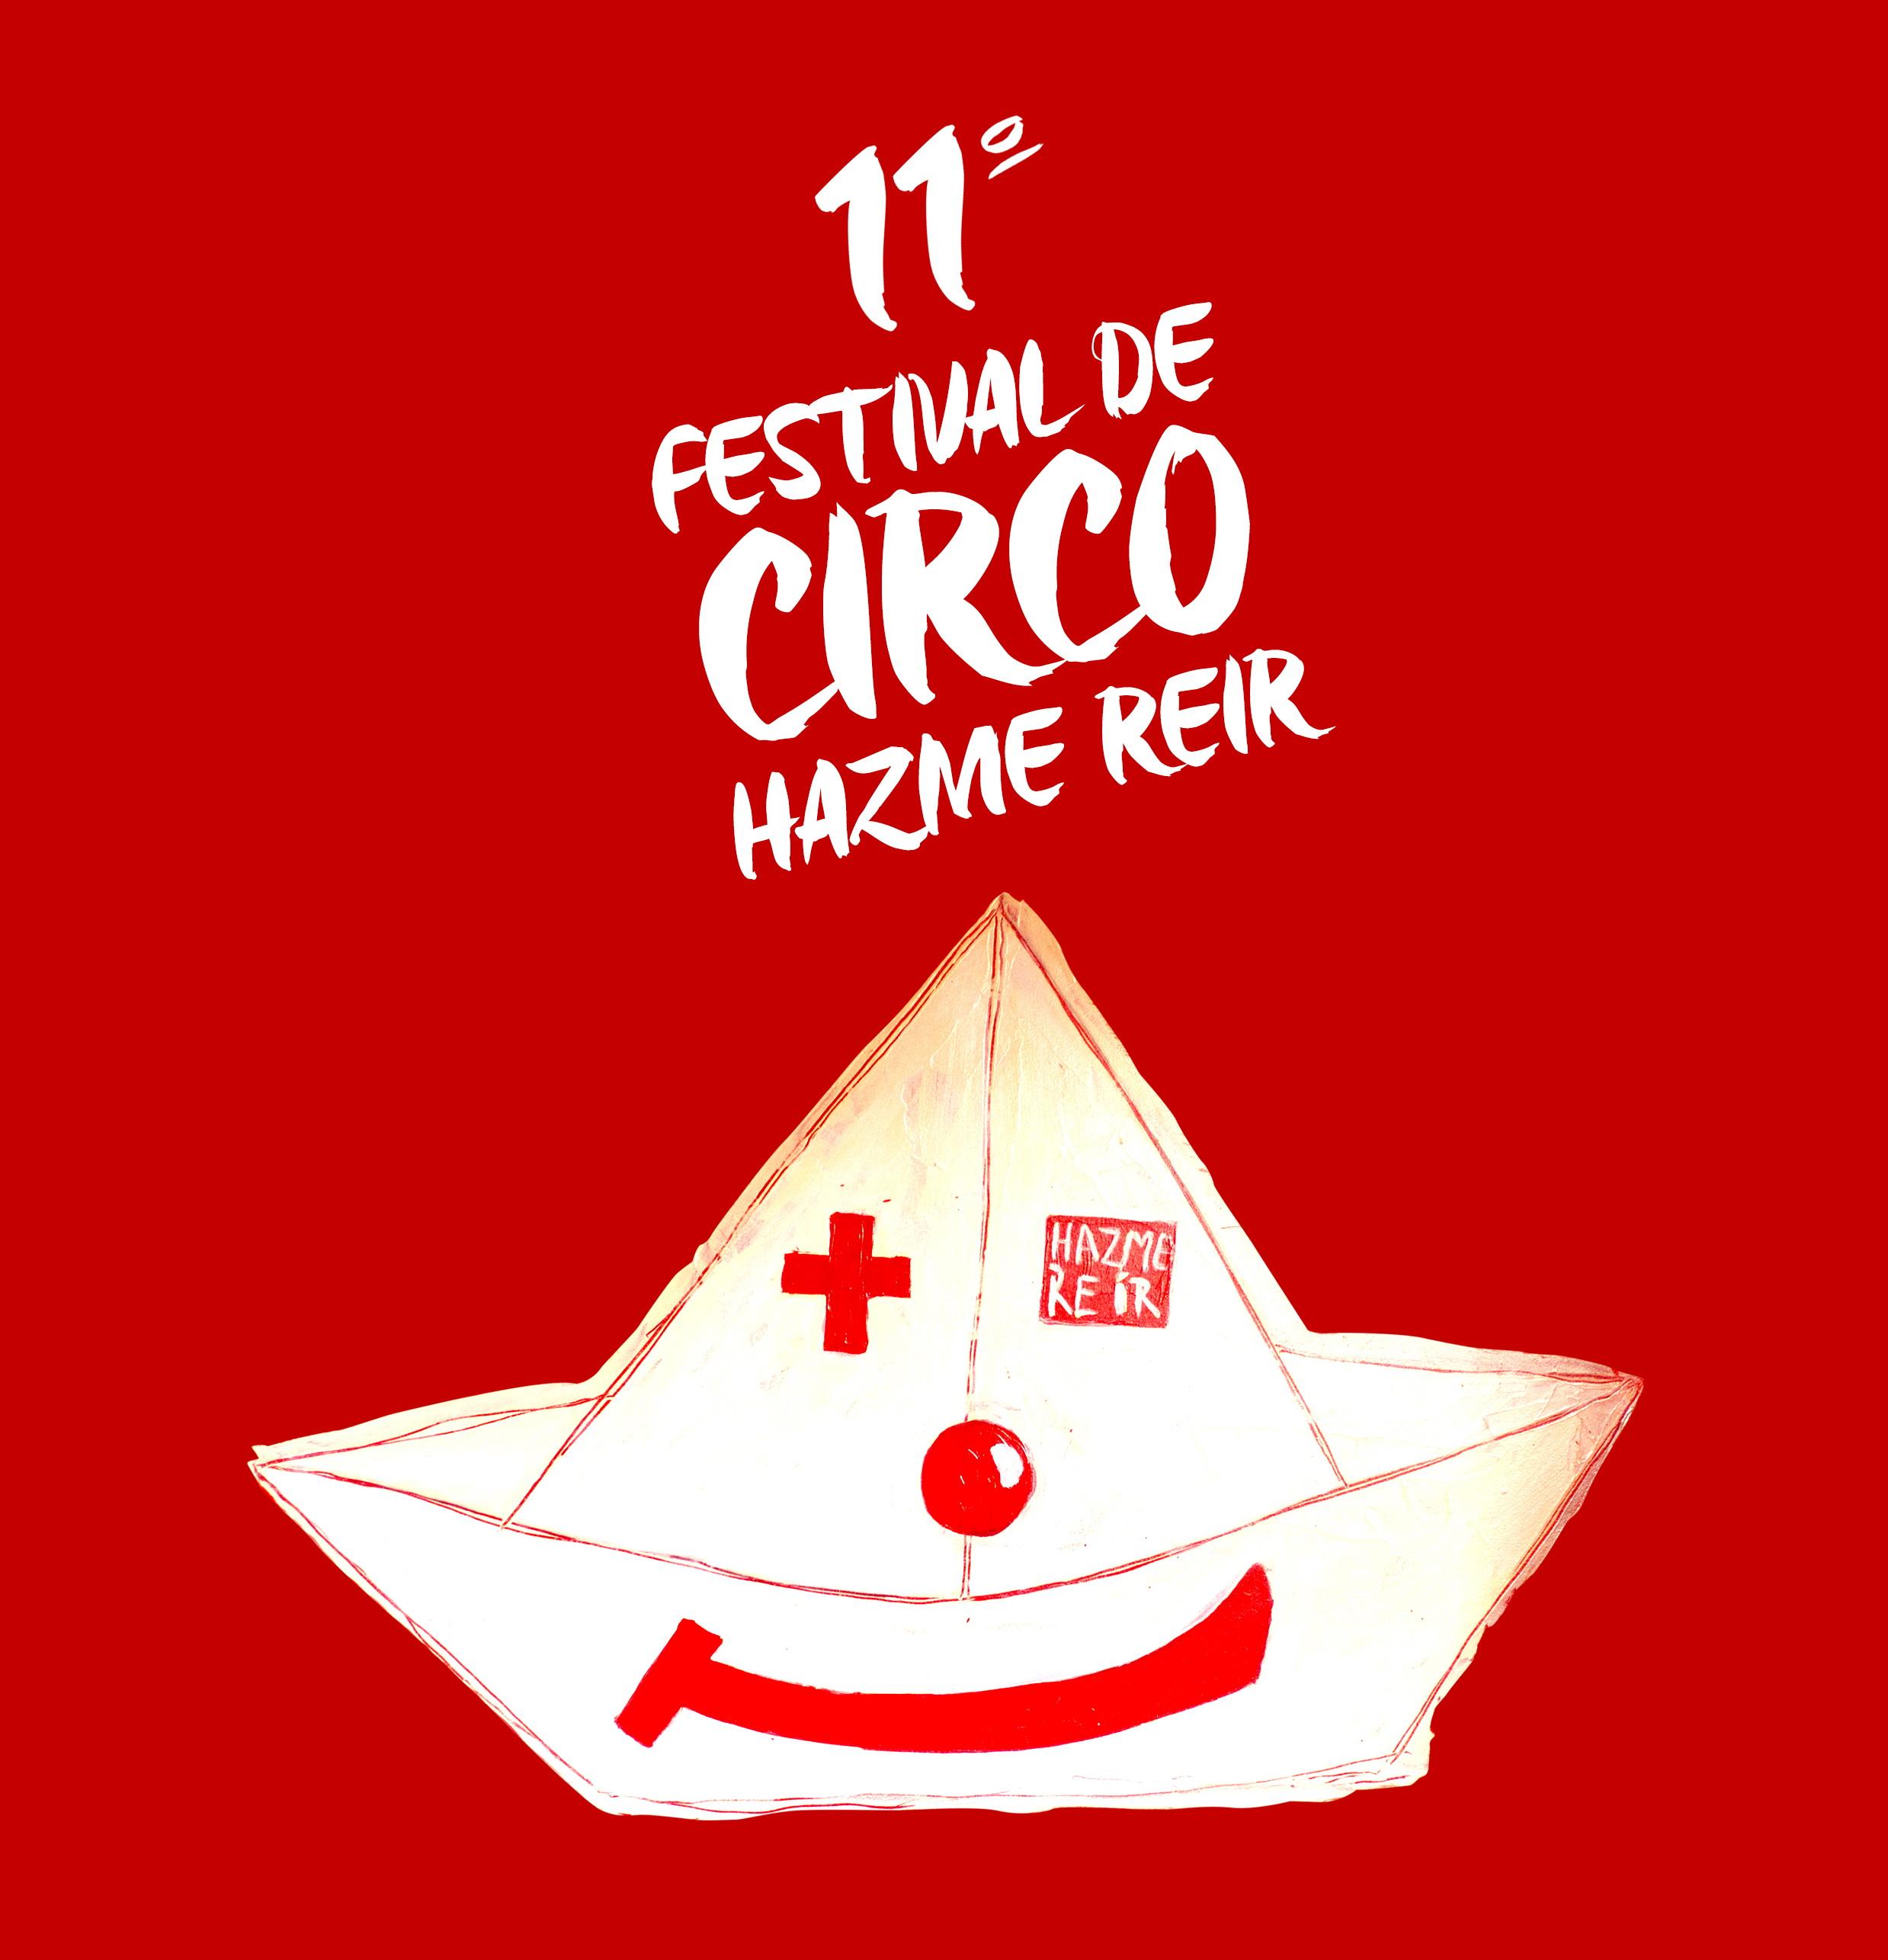 11º Festival Internacional de Circo y Artes Callejeras Hazmereir